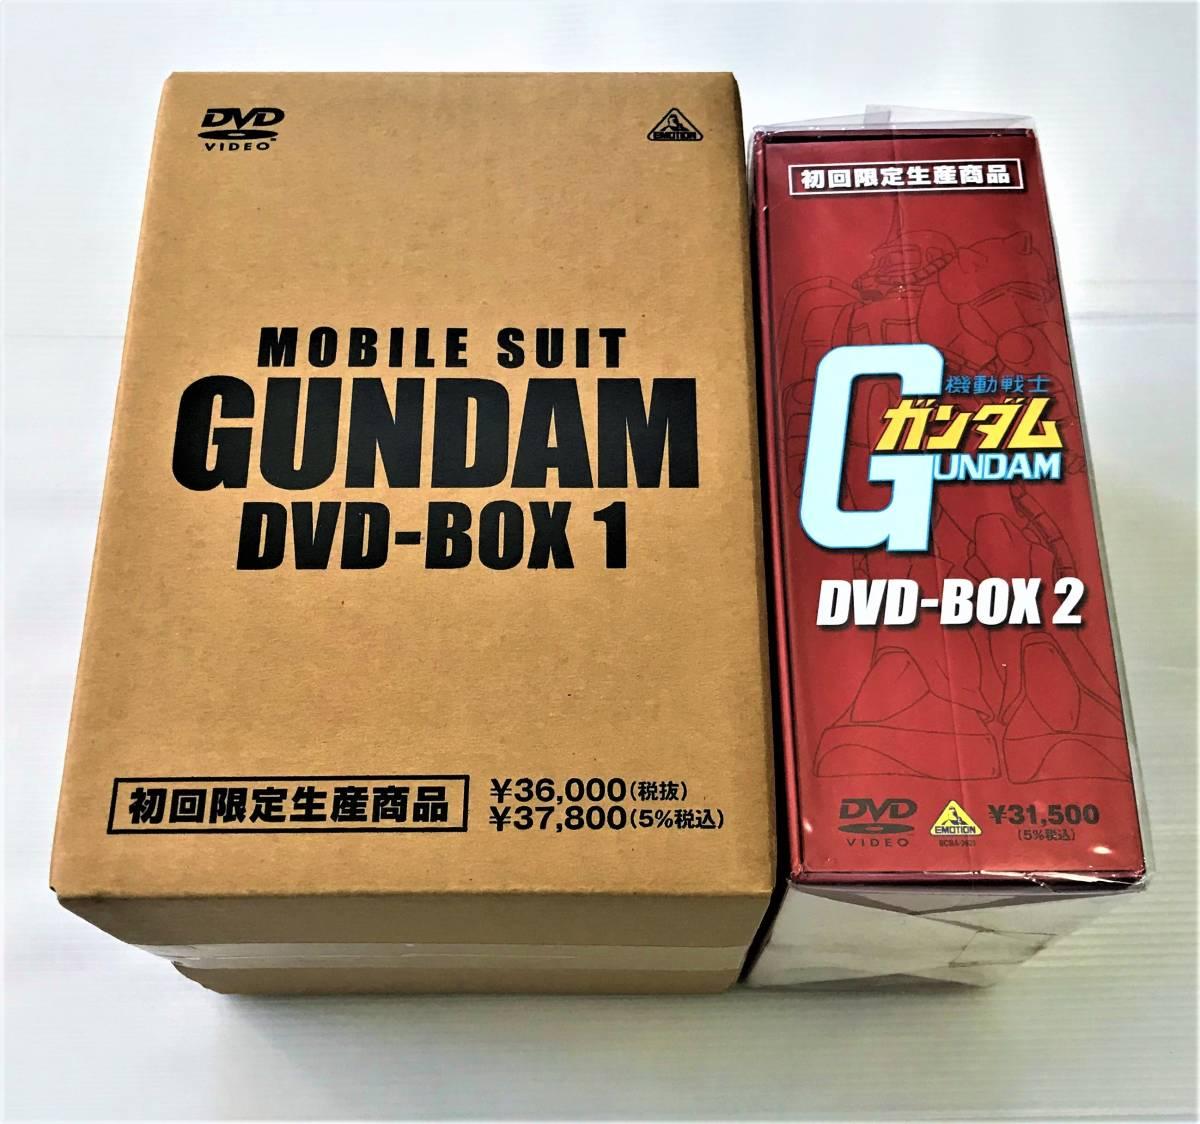 ◎未開封◎ 機動戦士ガンダム DVD-BOX 1 & 2 2BOXセット 初回限定生産商品 全11巻 初代TV版ガンダム全話収録 _両BOXともに未開封品です。